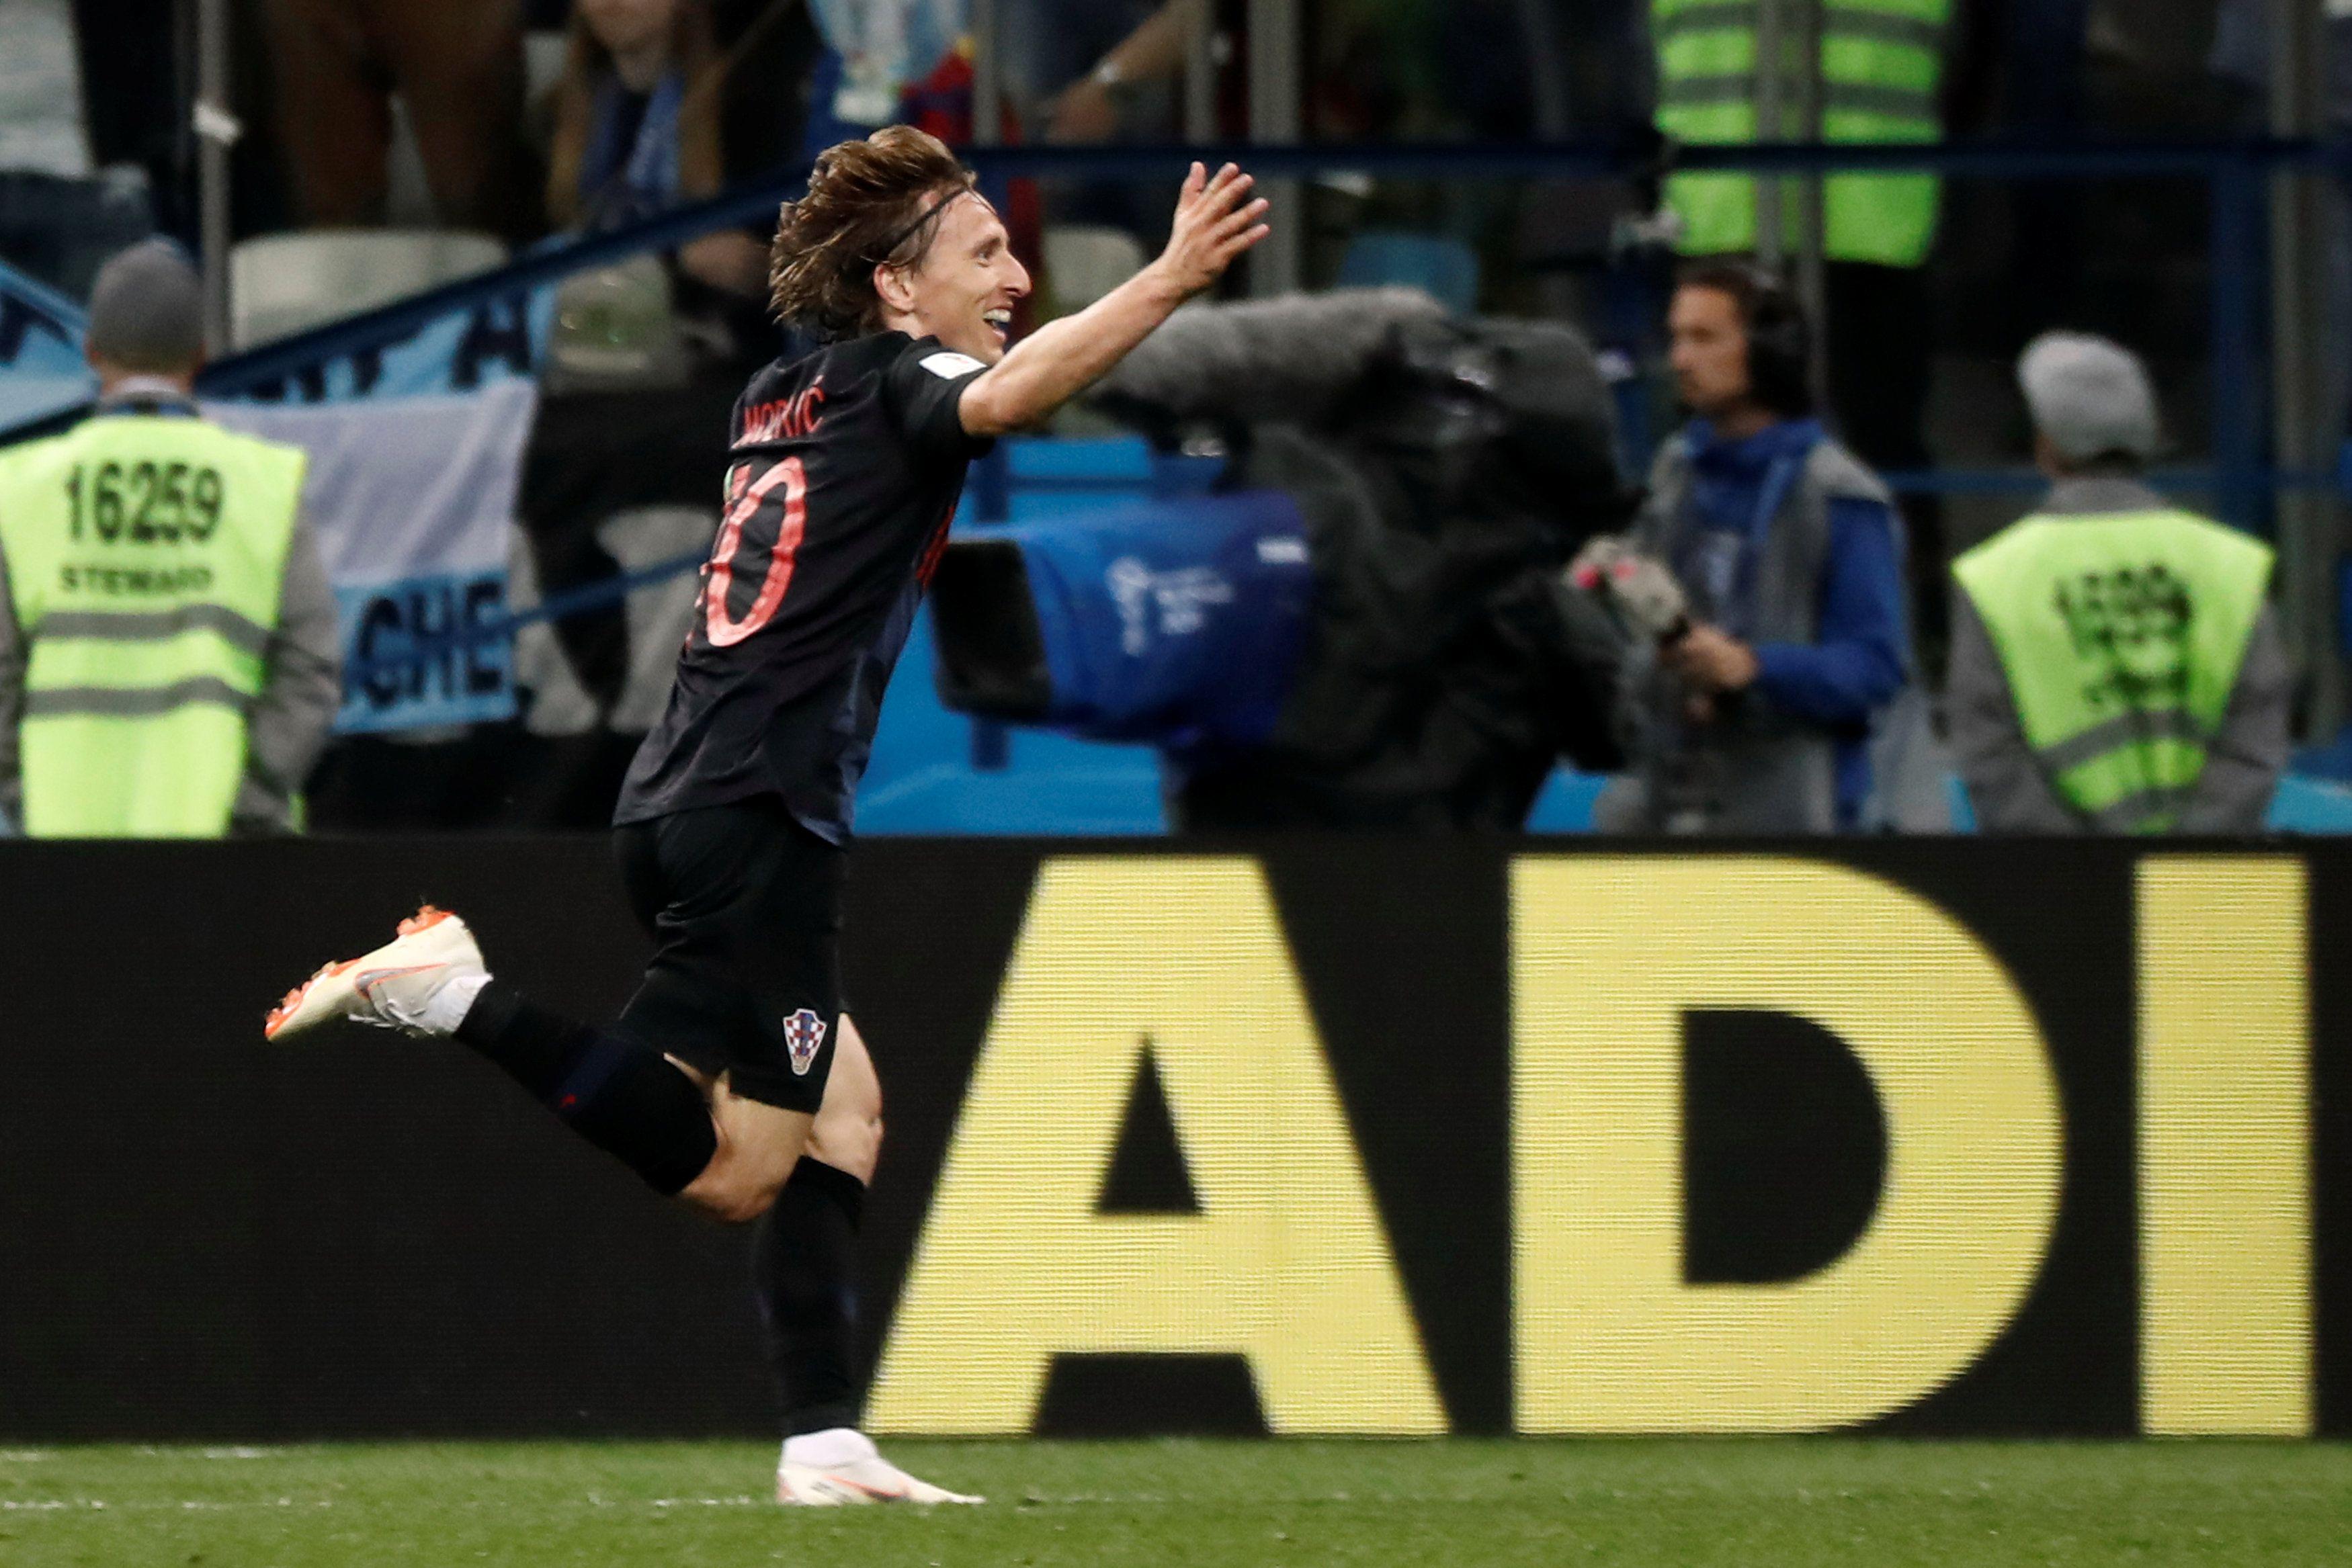 Хорват получил Золотой мяч, второе и третье места заняли бельгиец и француз